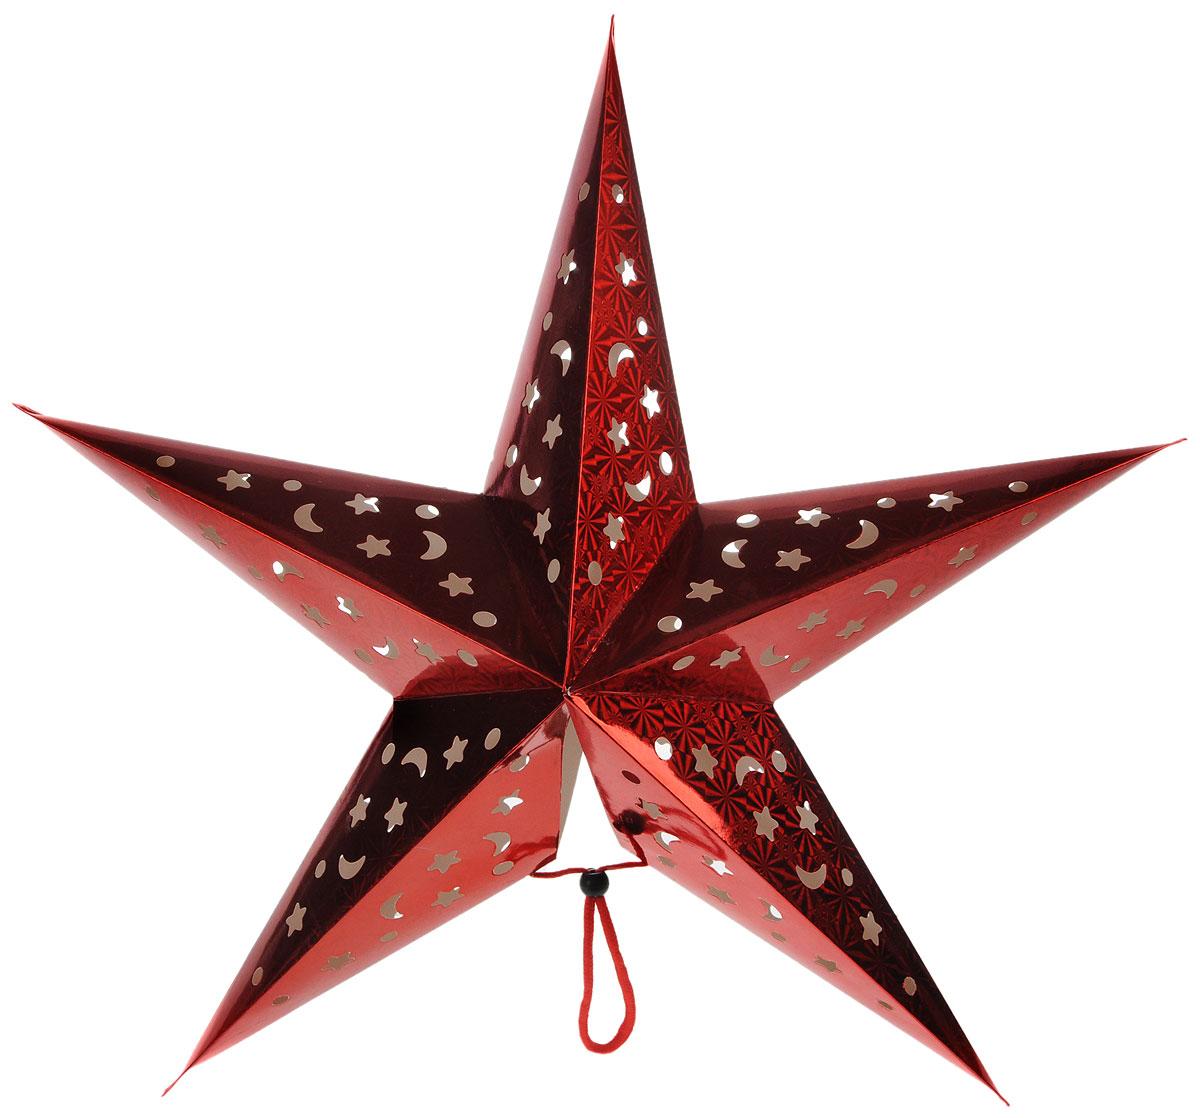 Украшение новогоднее House & Holder Звезда, со светодиодной подсветкой, 60 х 55 х 16 смDP-C38-14099Новогоднее украшение House & Holder Звезда выполнено из картона и оснащено светодиодной подсветкой, работающей от двух батареек типа АА. Изделие можно подвесить в любом понравившемся вам месте. Такое украшение поможет украсить дом или офис к предстоящим праздникам. Новогодние украшения всегда несут в себе волшебство и красоту праздника. Создайте в своем доме атмосферу тепла, веселья и радости, украшая его всей семьей. Размеры звезды: 60 х 55 х 16 см. длина подсветки: 130 см.